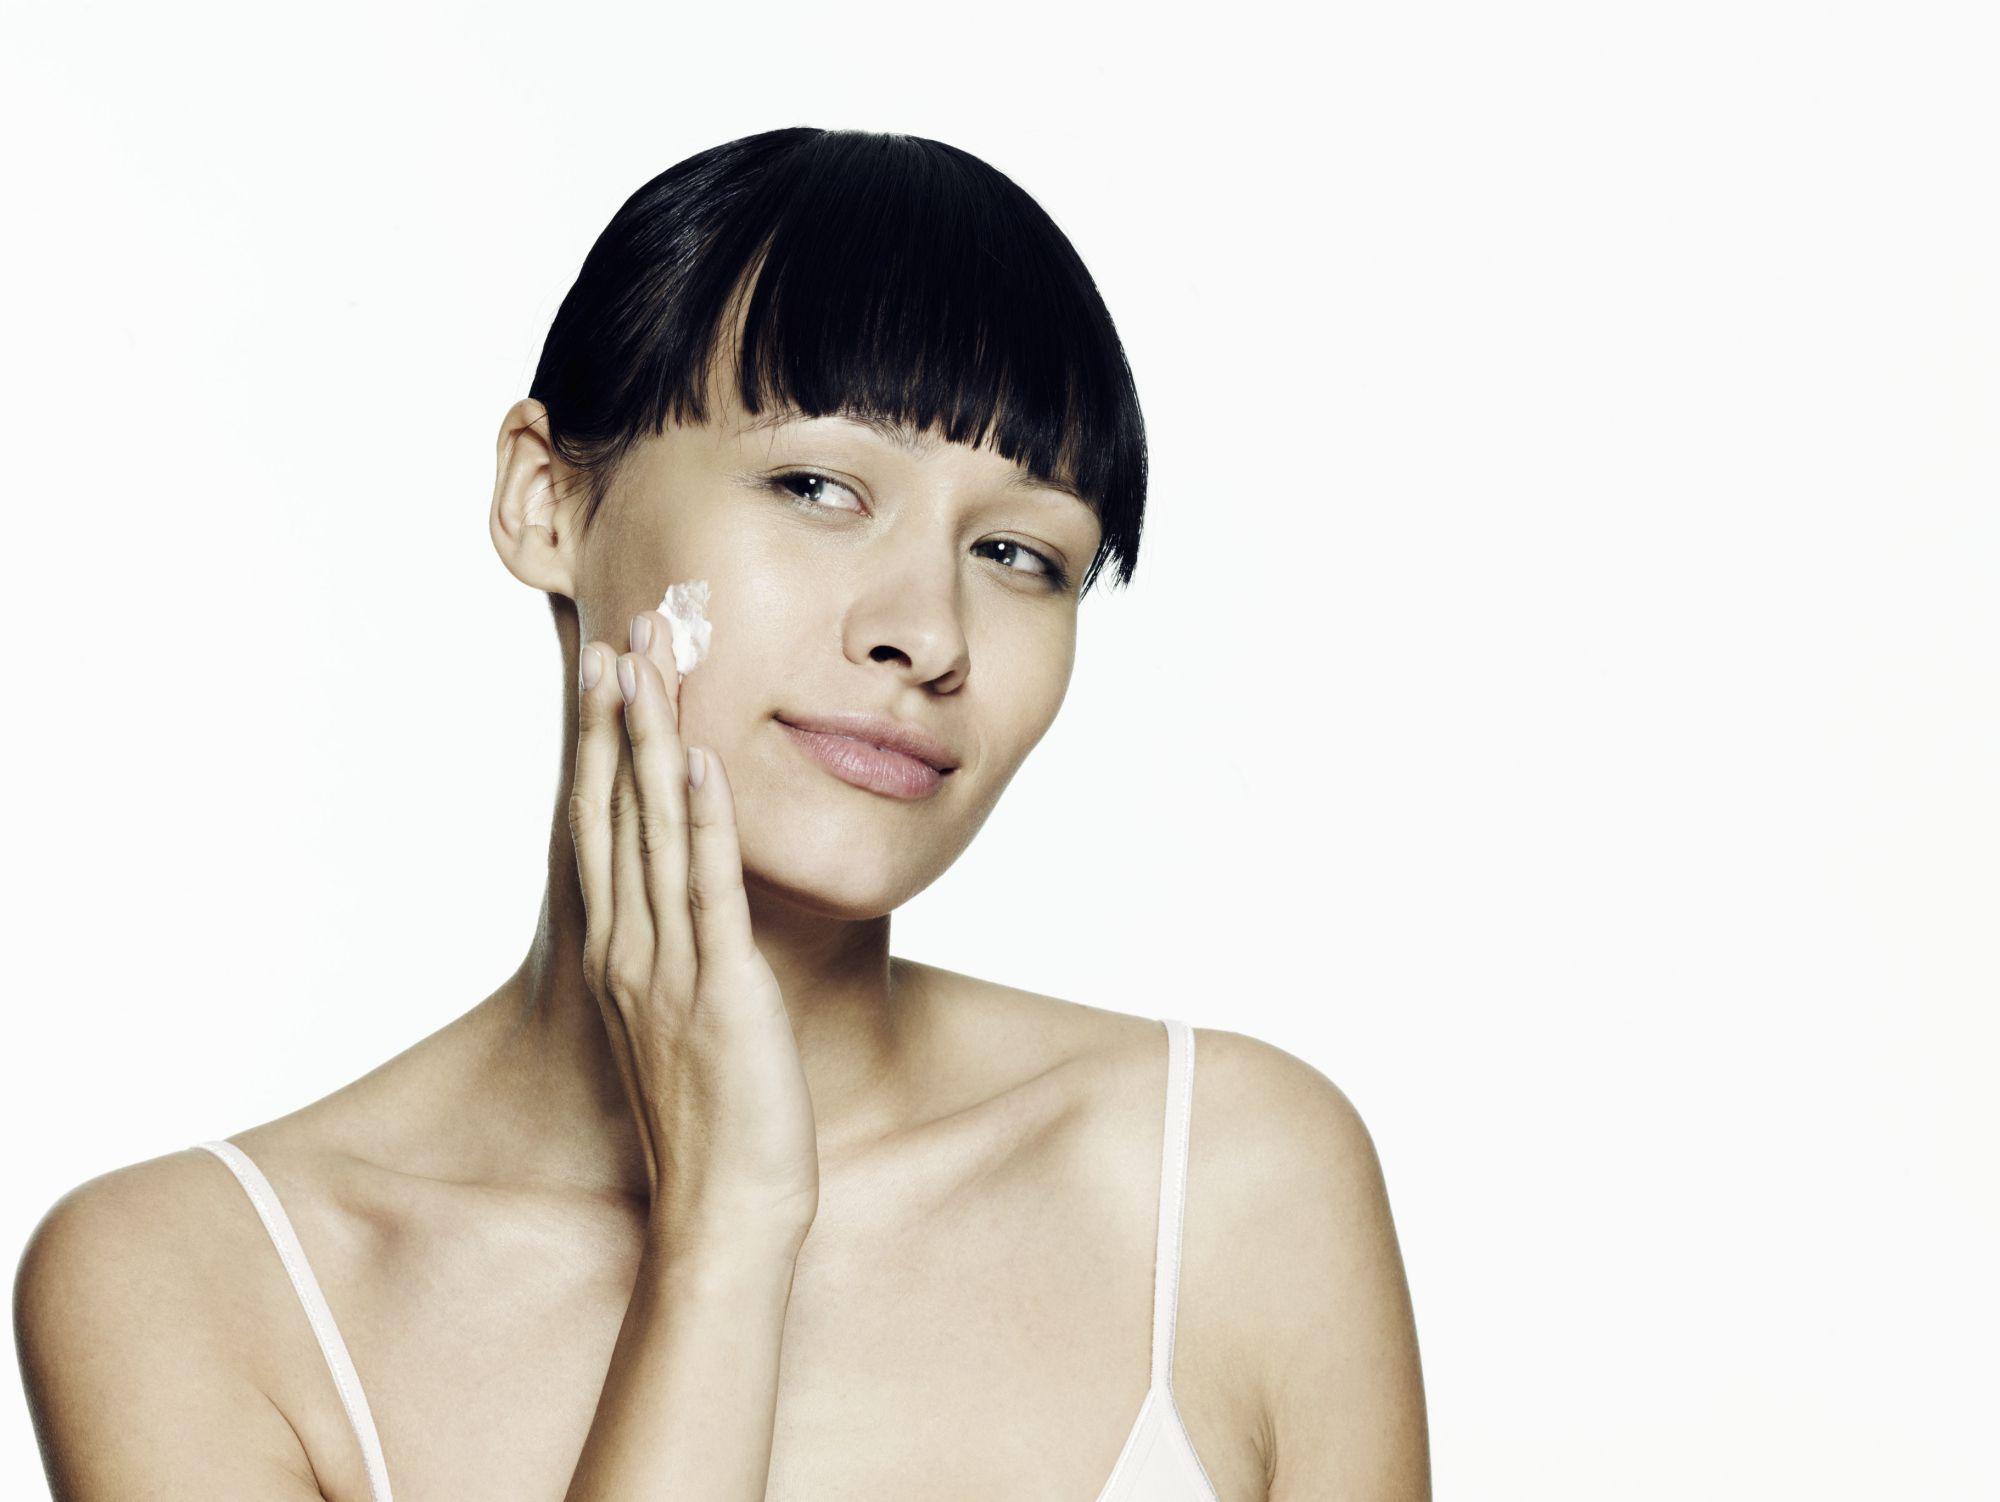 Face moisturizer